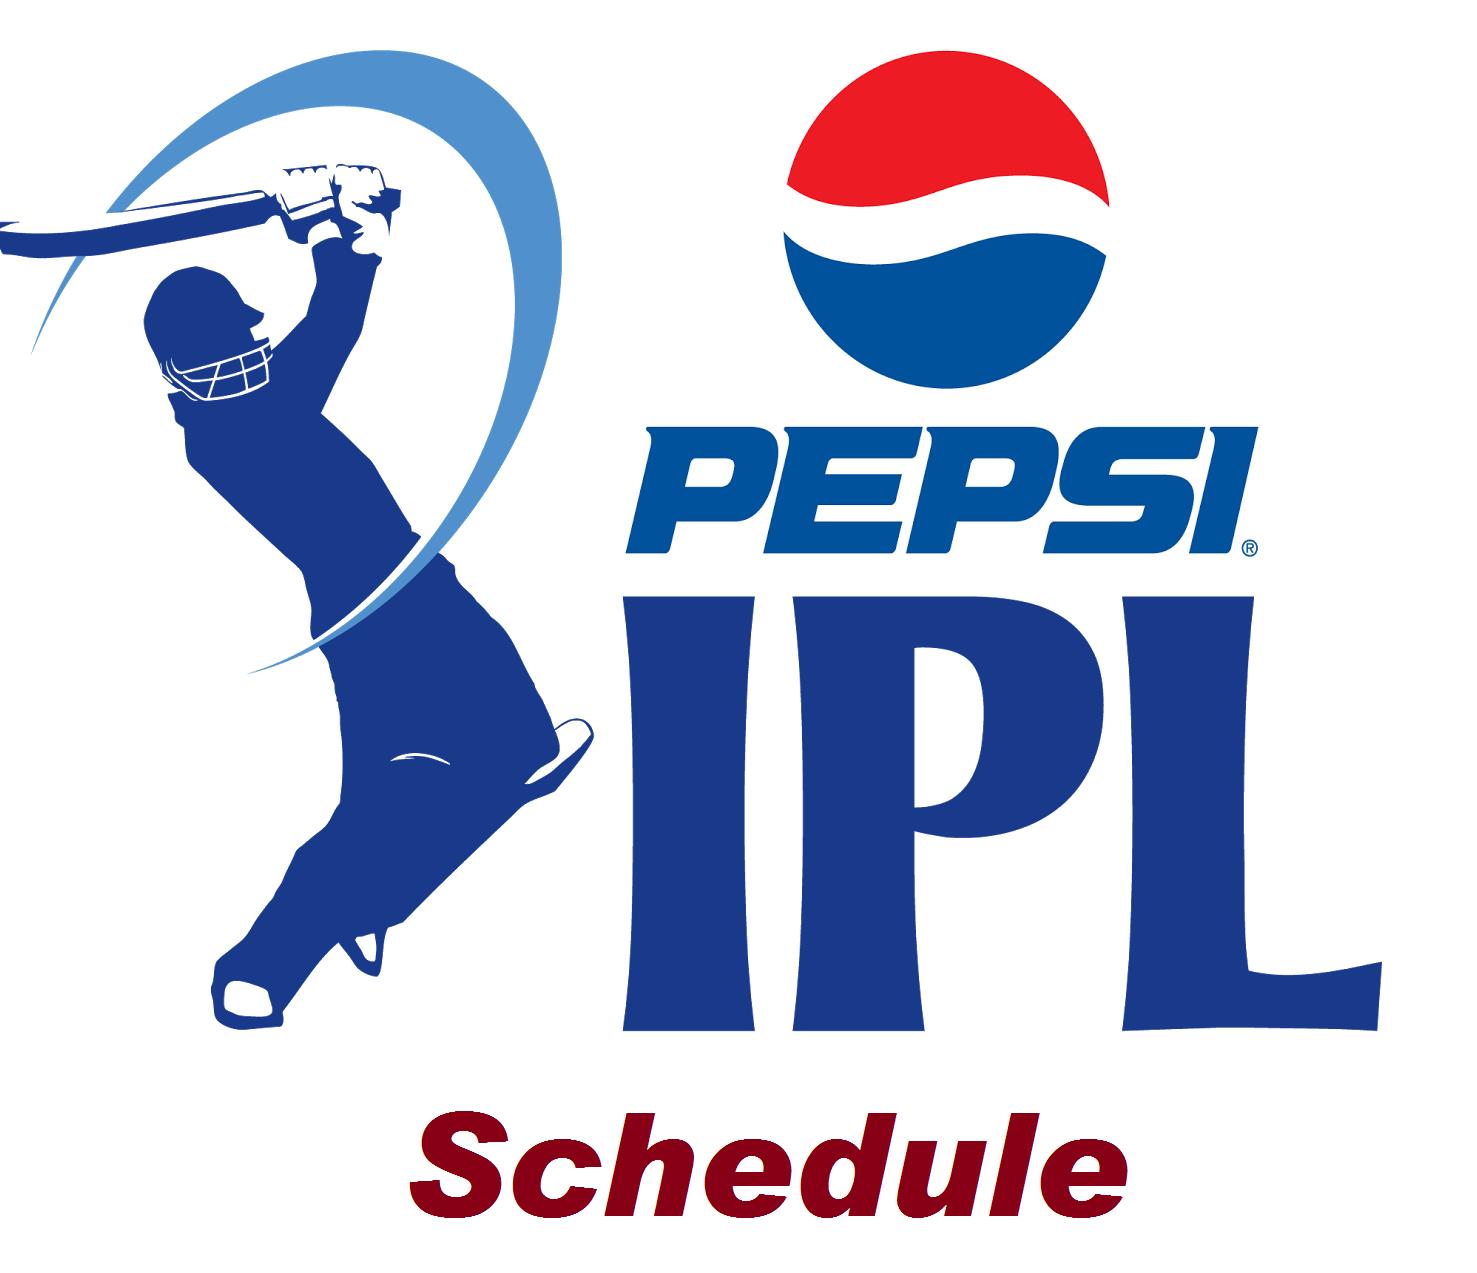 IPL 7 T20 Schedule, Timings 2014 Ipl cricket games